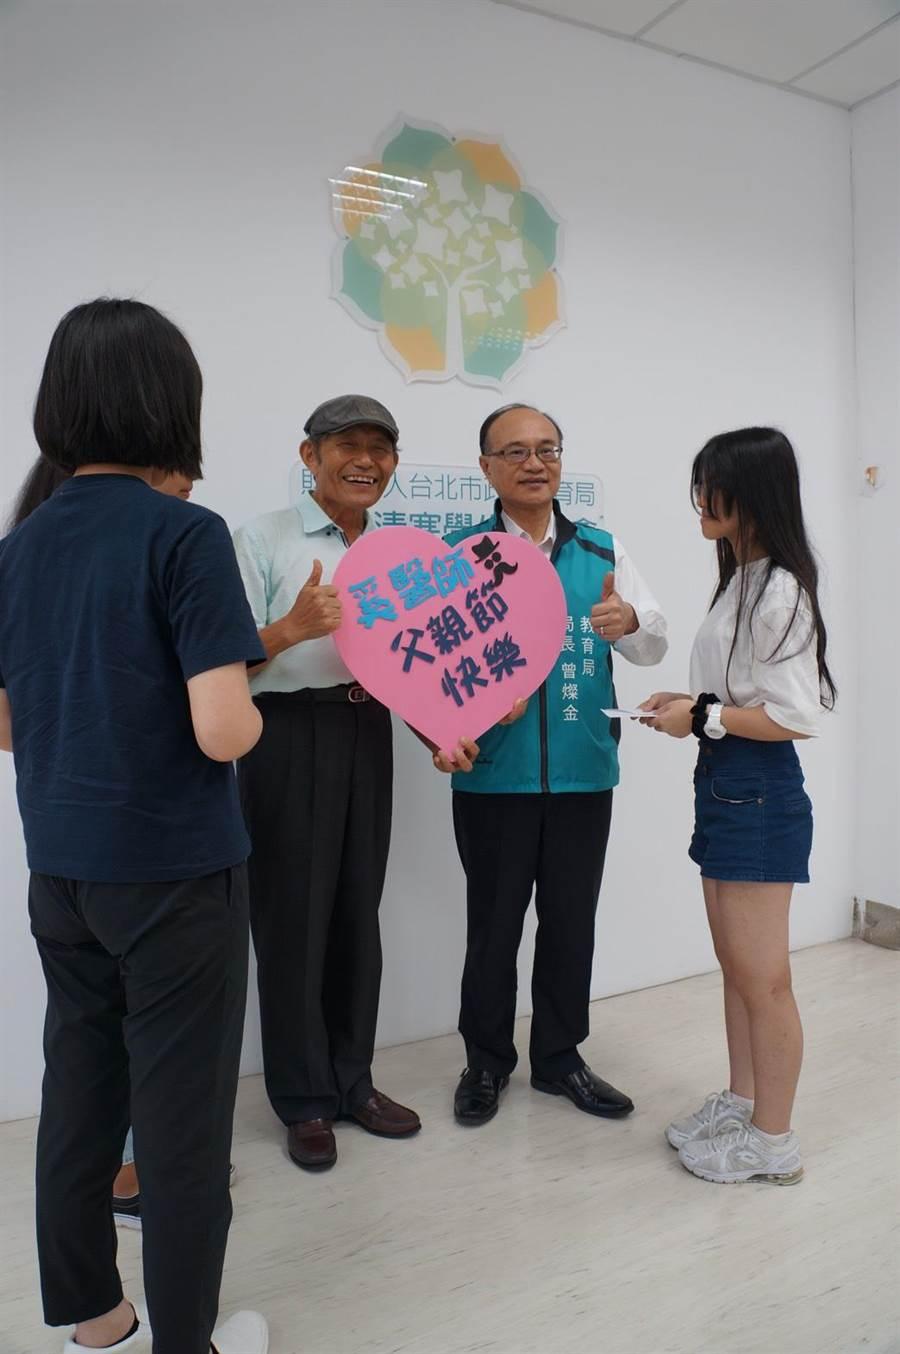 牙醫師奚臺陽今年新加入台北市教育局認助清寒學生基金會行列。父親節前夕,基金會安排他與認助學生相見歡,學生還親手準備了卡片送給他。(張潼攝)